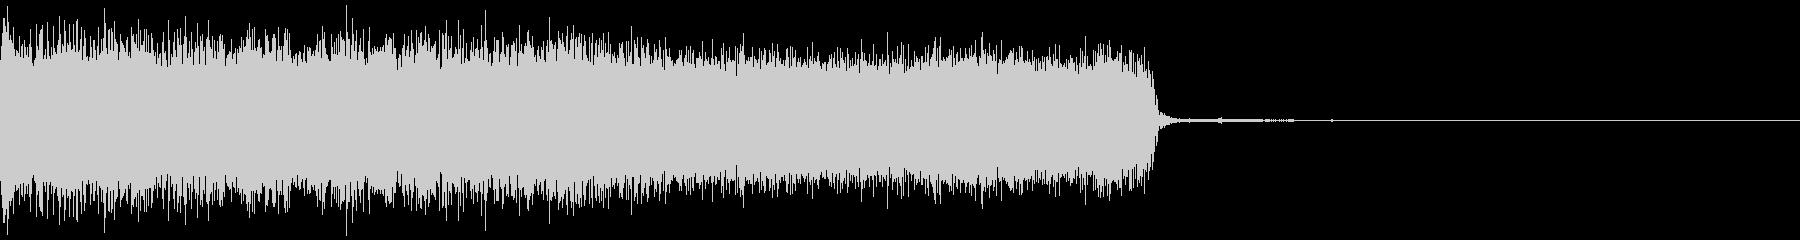 メタル イントロ ジングル3 生演奏の未再生の波形